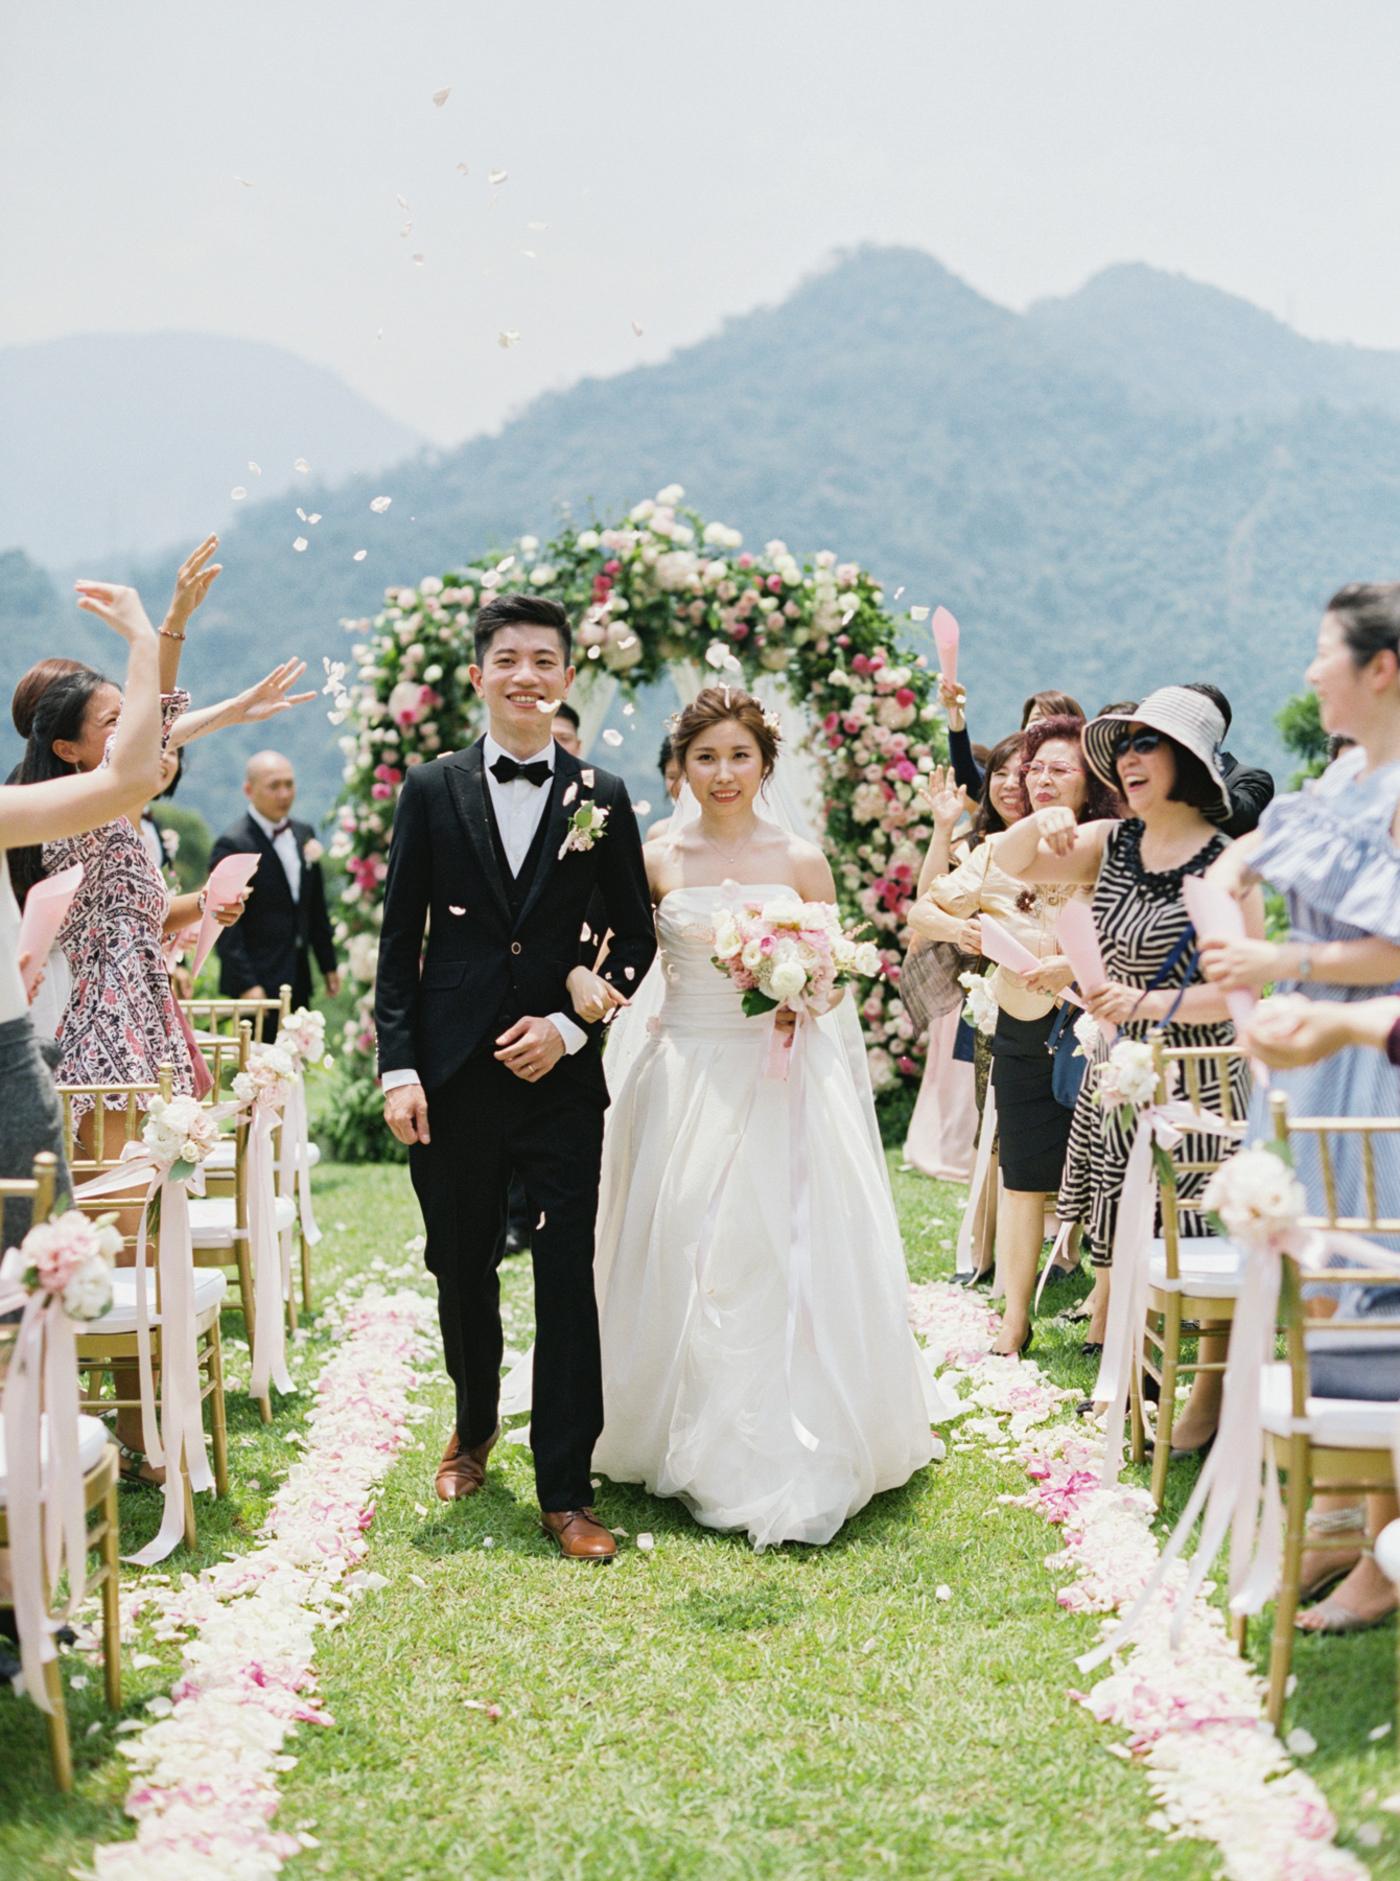 戶外美式婚禮場地-推薦-優聖美地鄉村渡假別墅-婚禮-stage